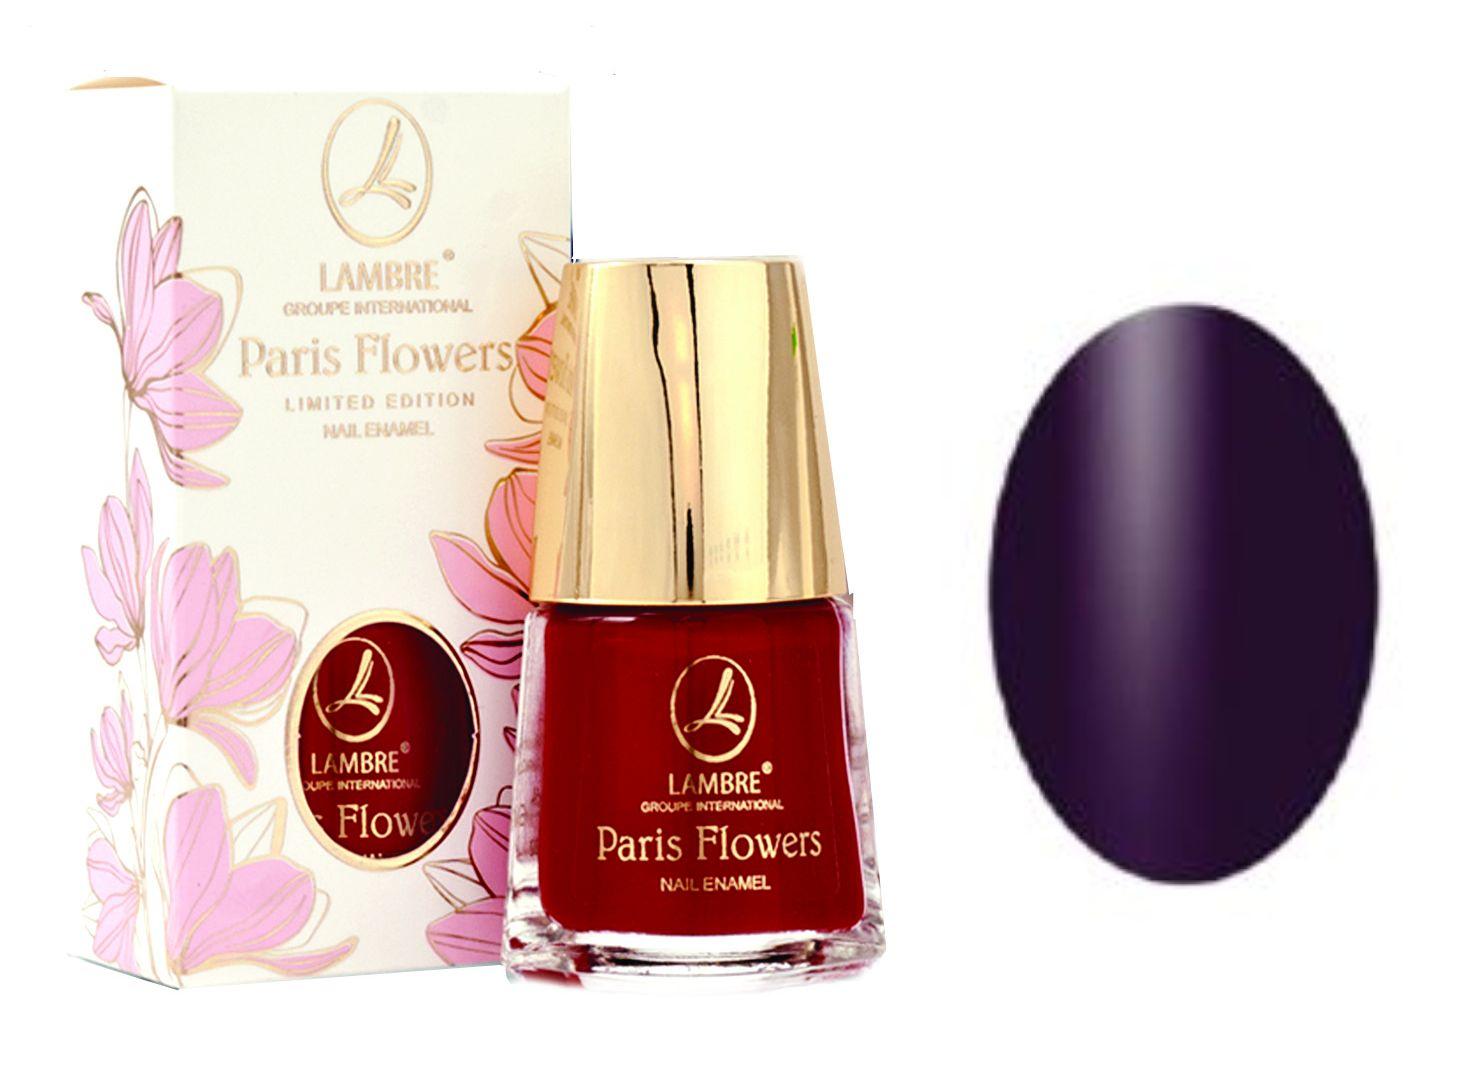 Lak Paris Flowers 01 - Kosatec